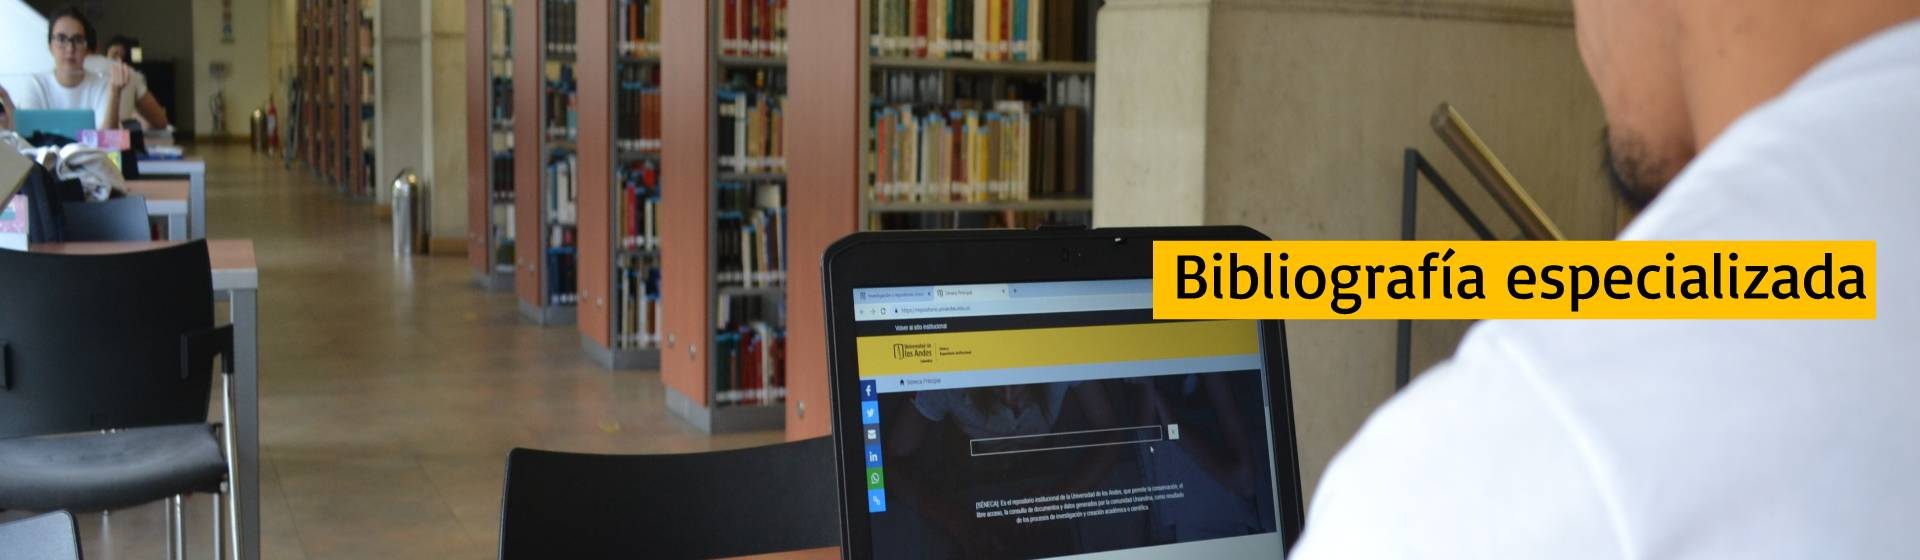 Bibliografía especializada | Uniandes